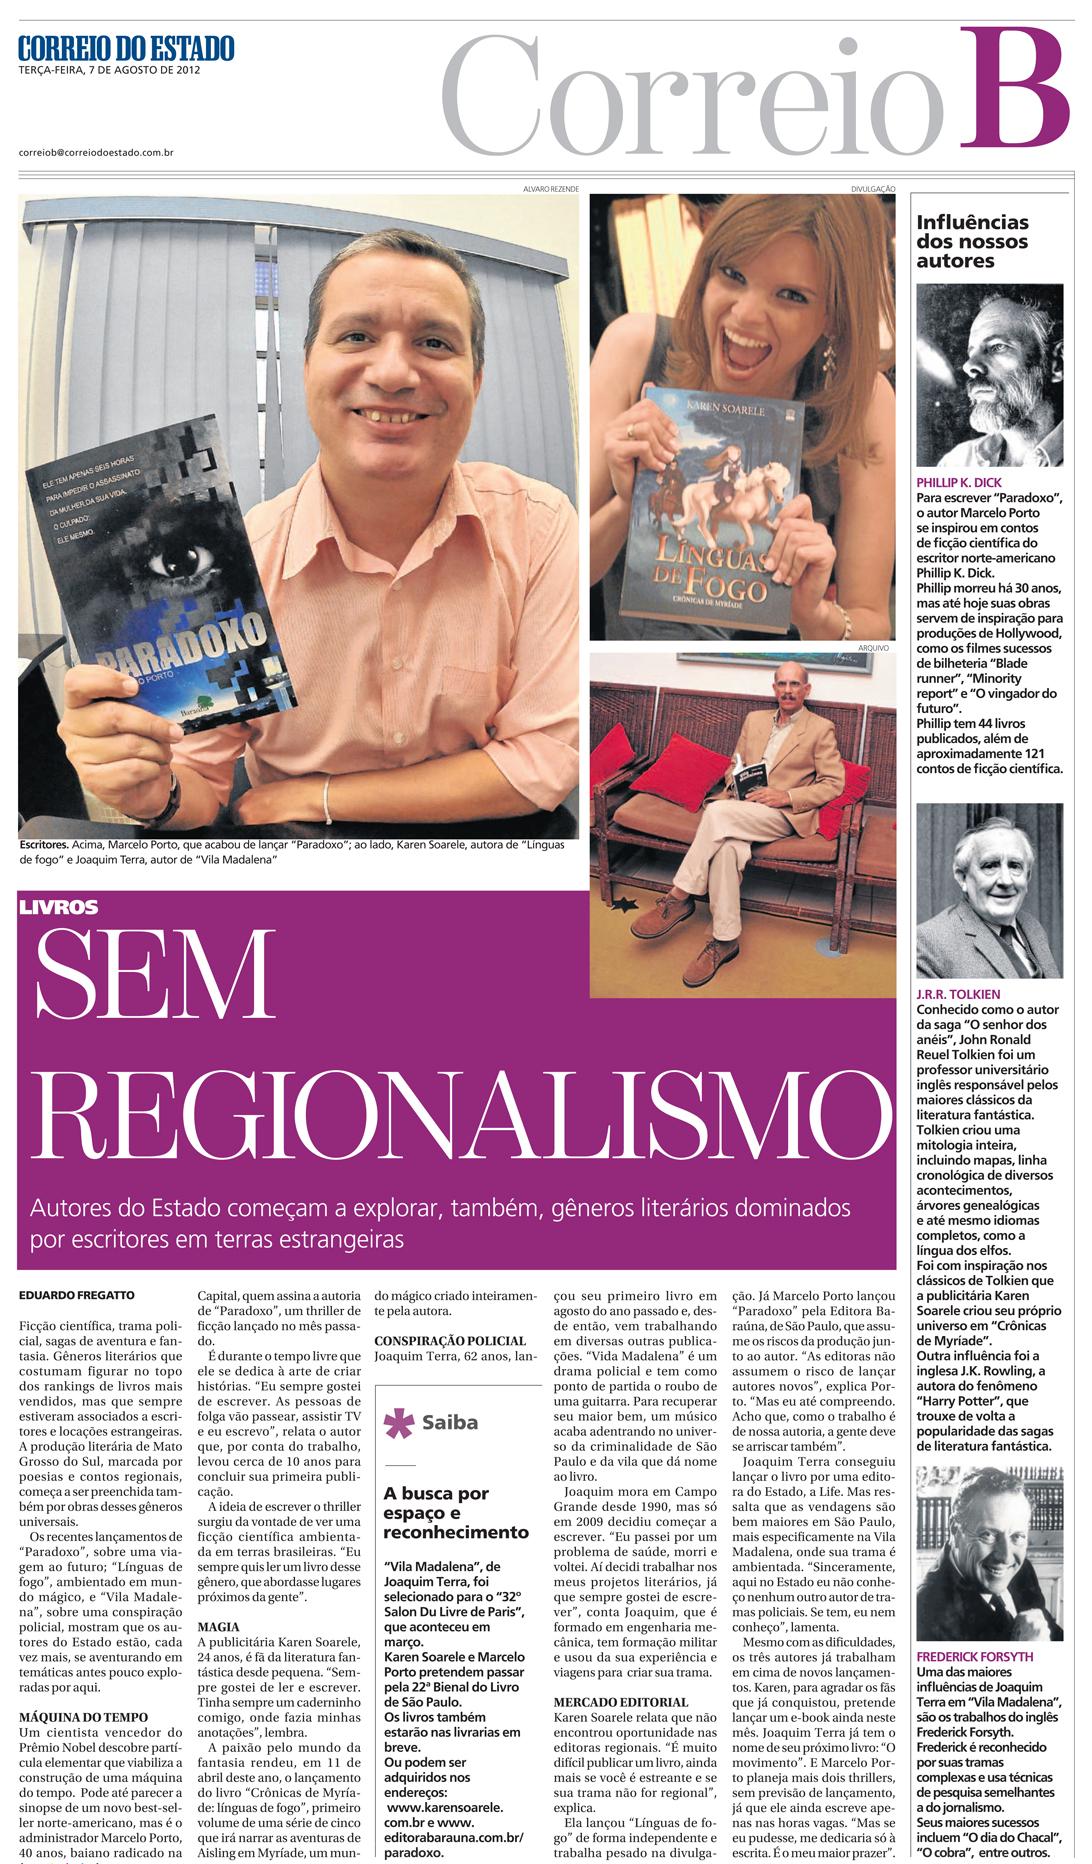 Livros sem regionalismo